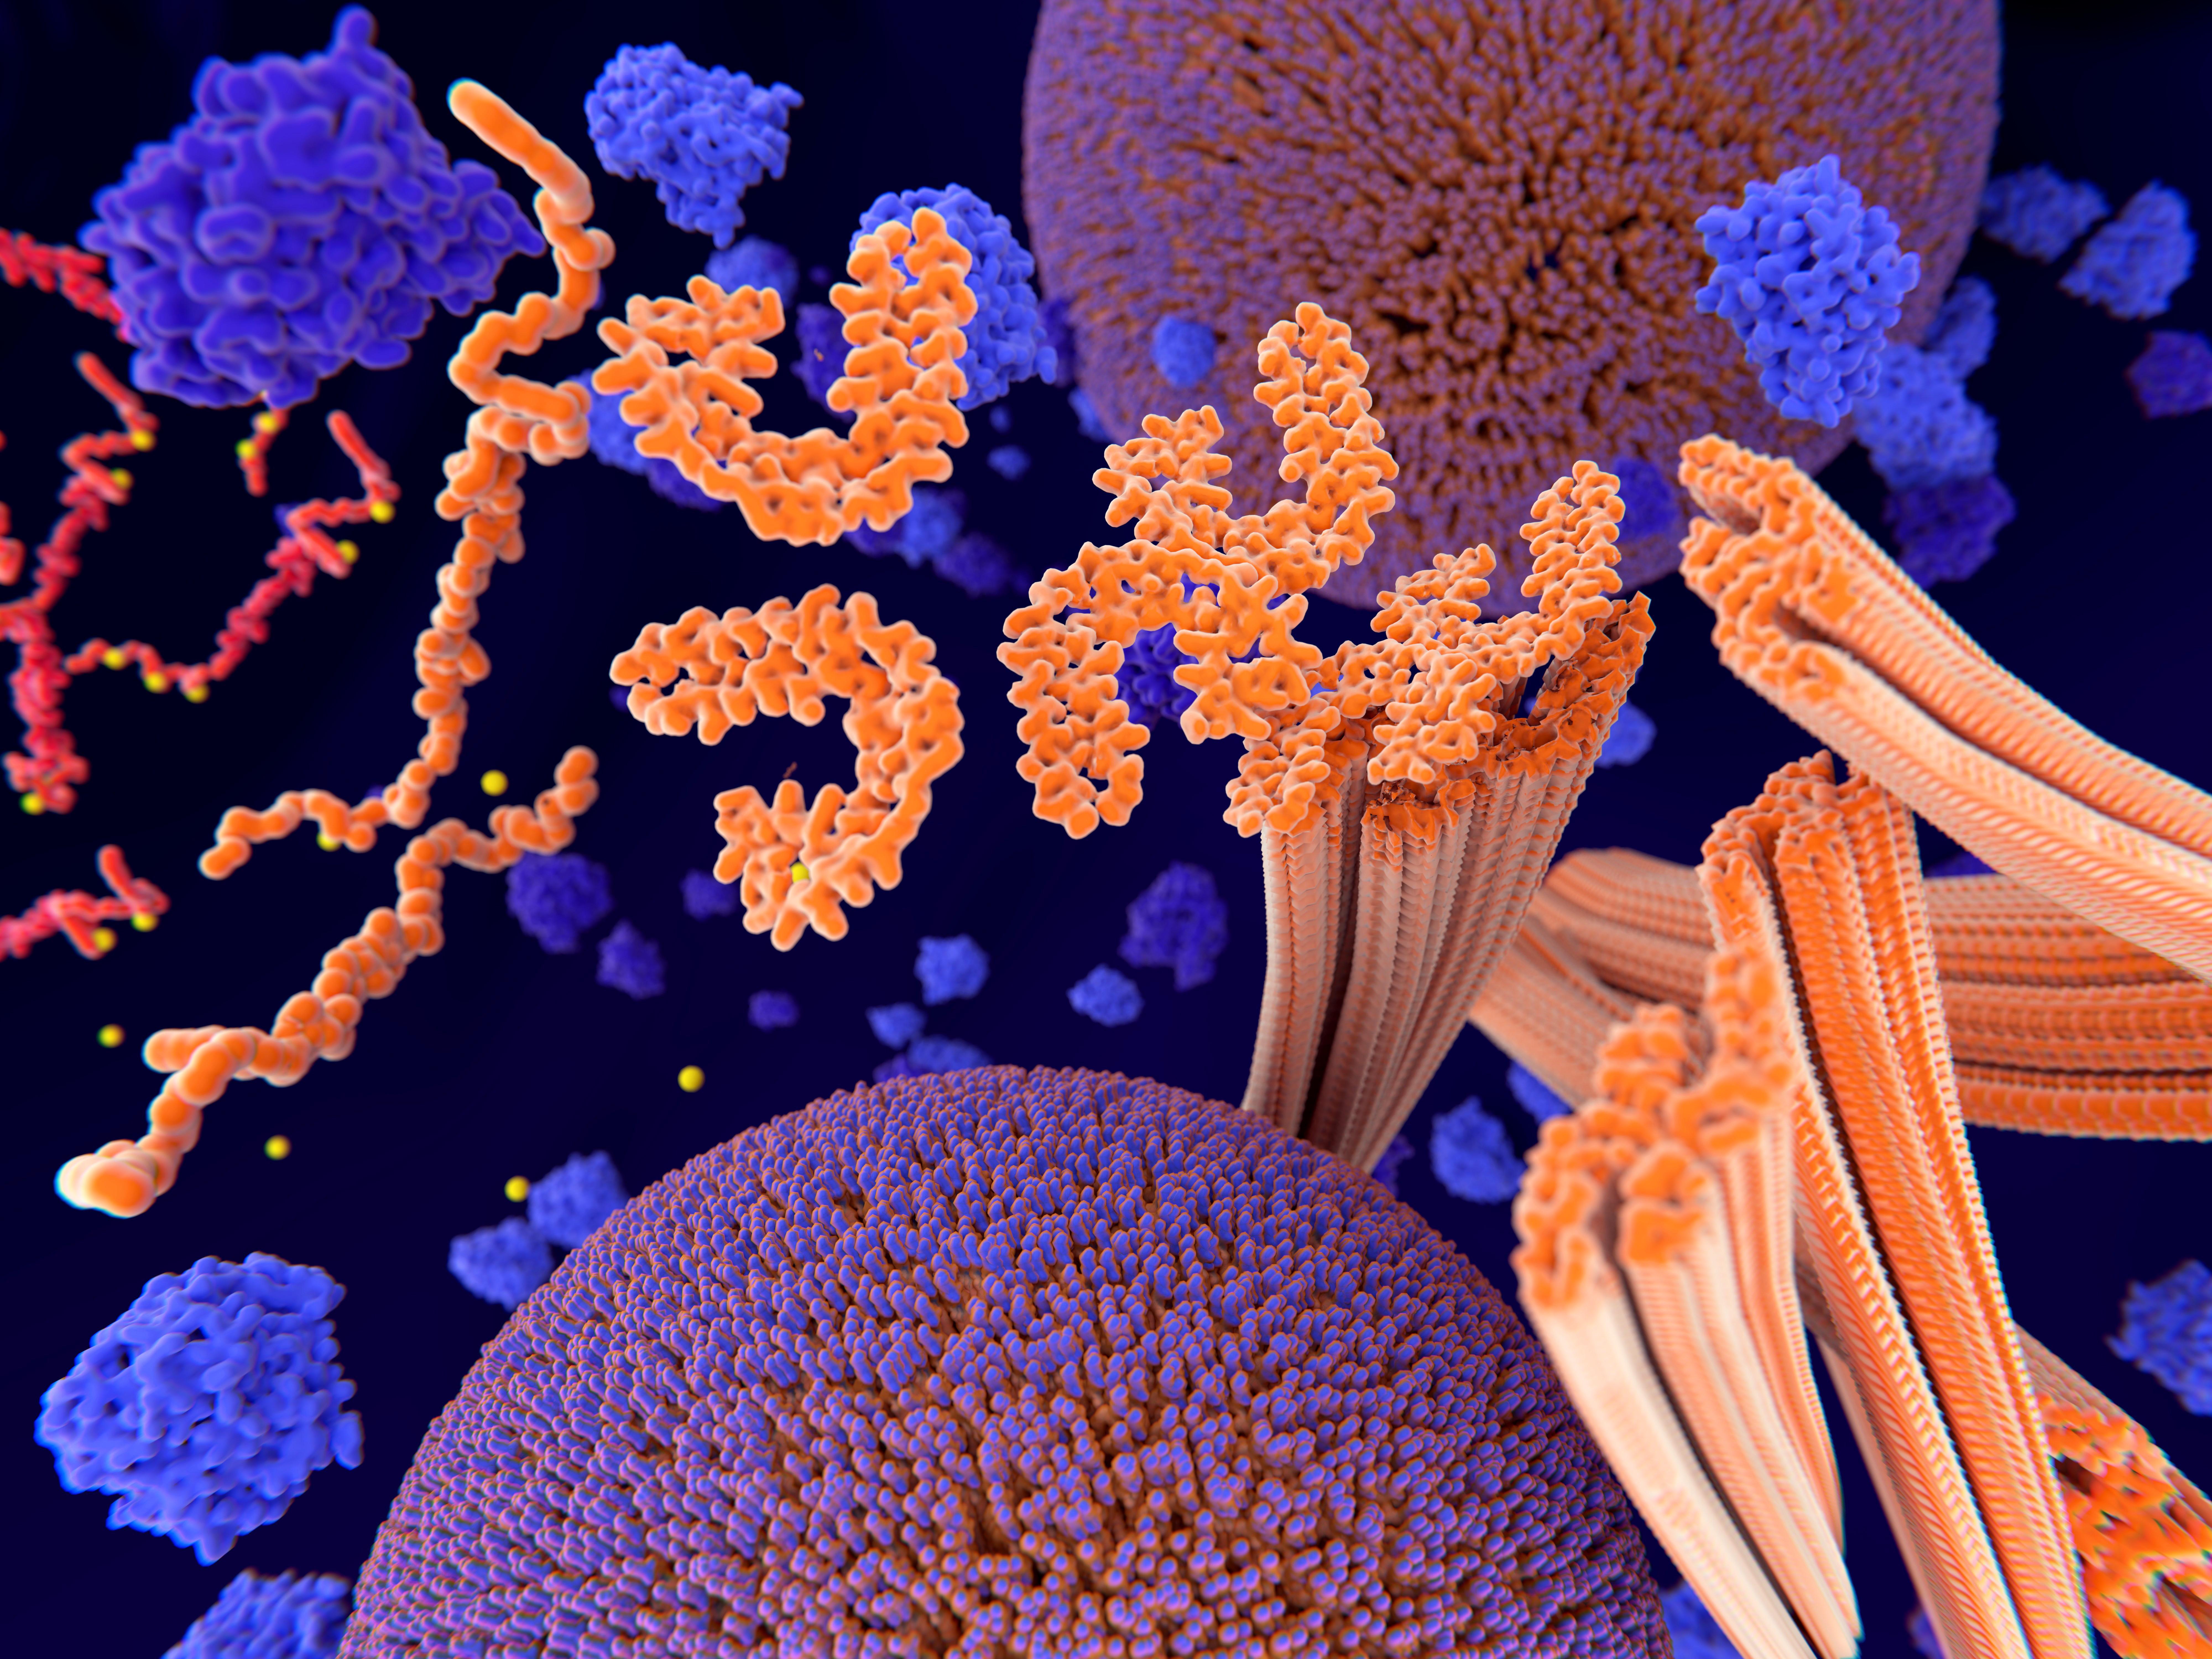 L'apparition et la progression de la maladie de Parkinson sont caractérisées par l'agrégation d'une protéine, l'α-synucléine humaine (αSyn) en plaque amyloïde toxique.